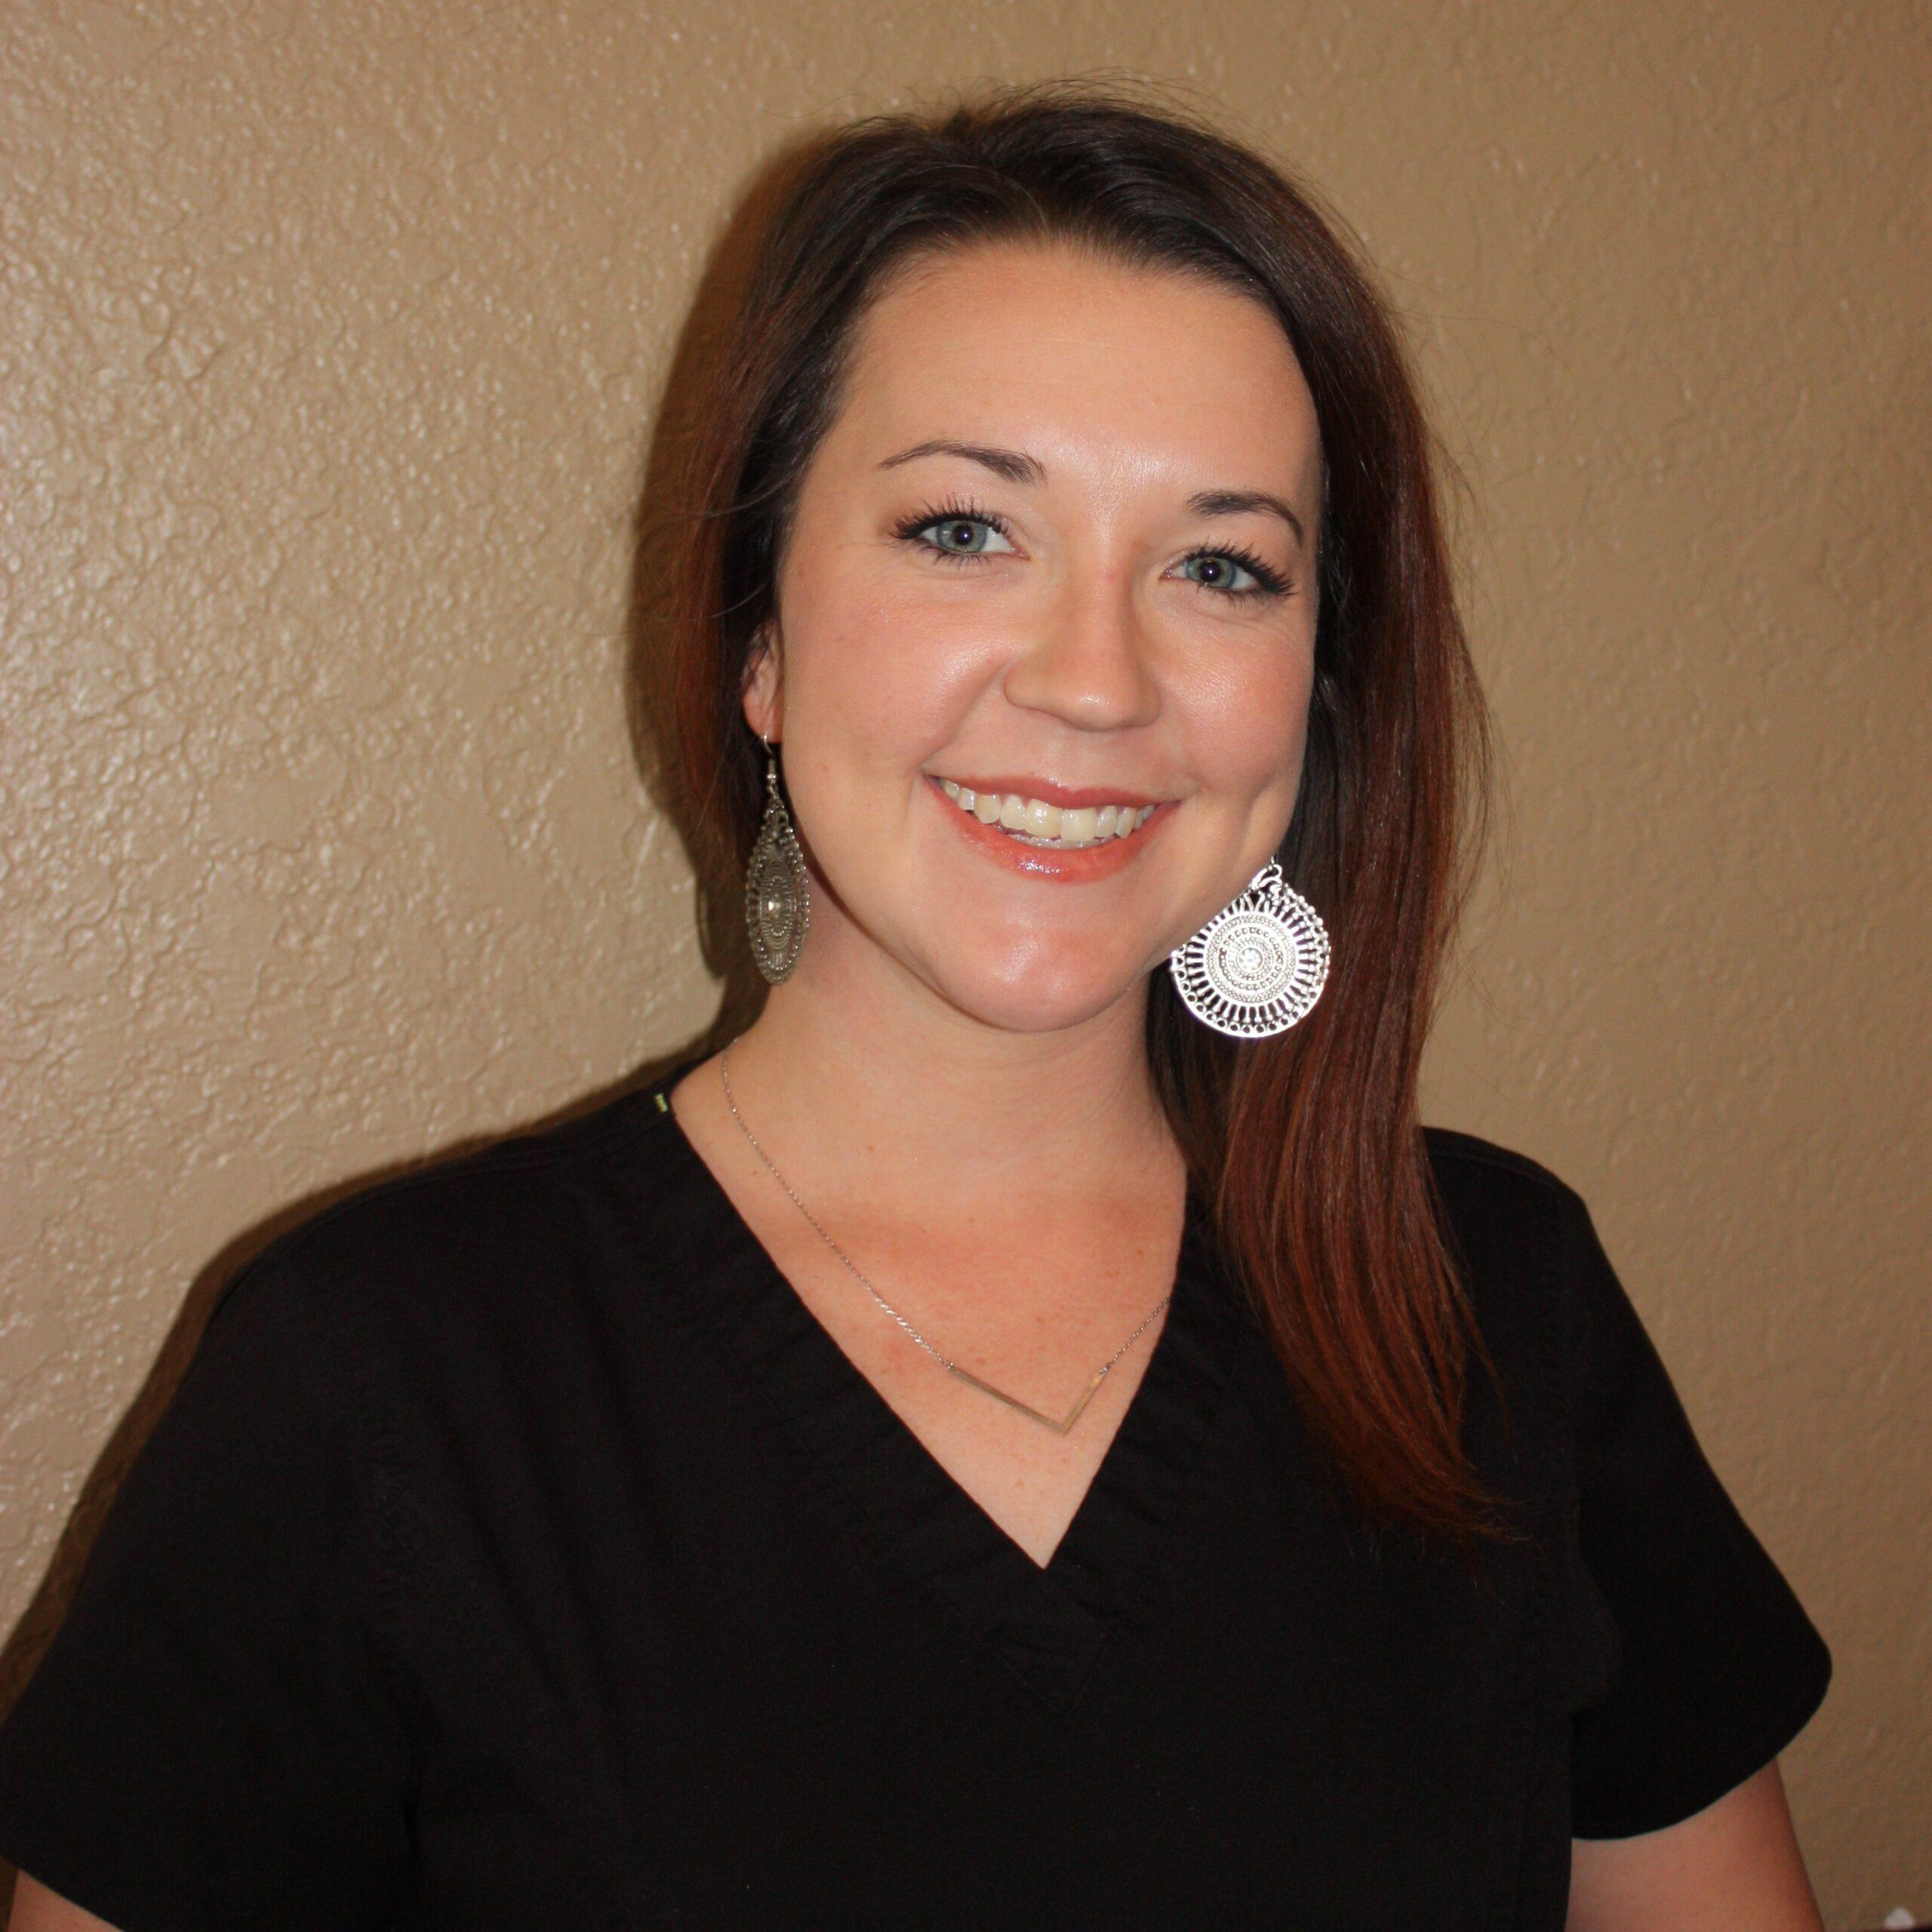 Lindsey LaPreze